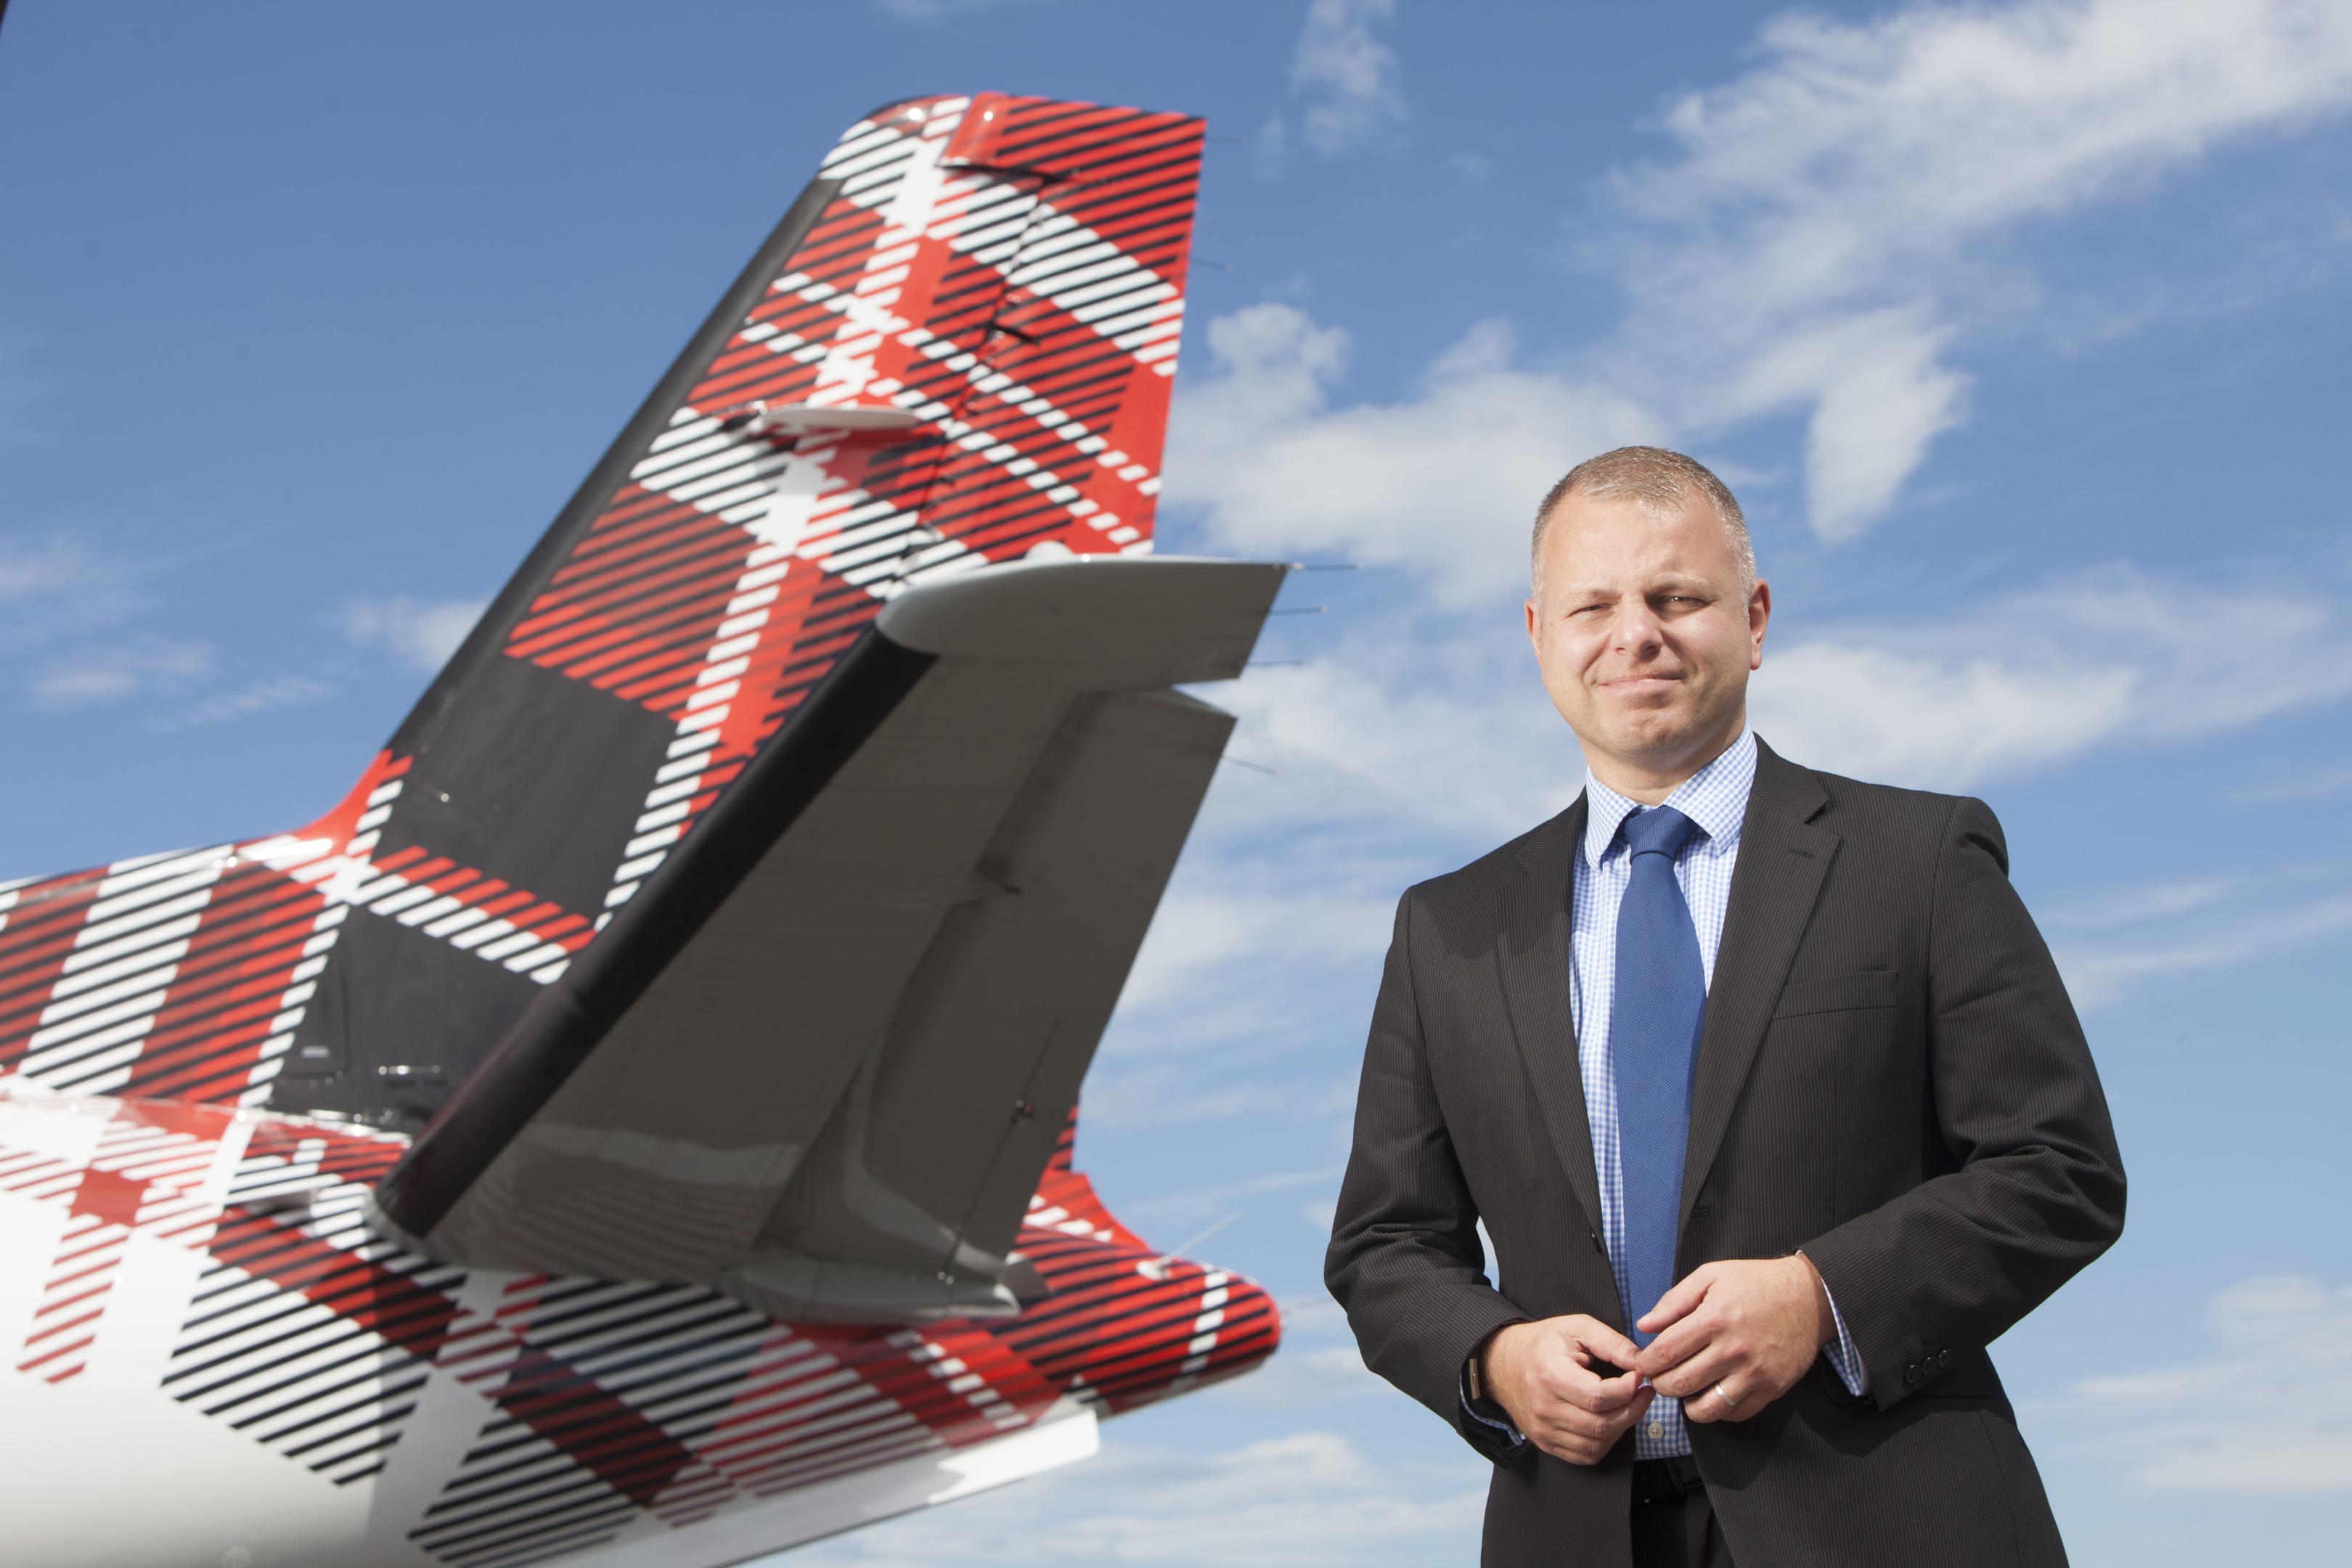 Jonathan Hinkles, Managing Director of Loganair